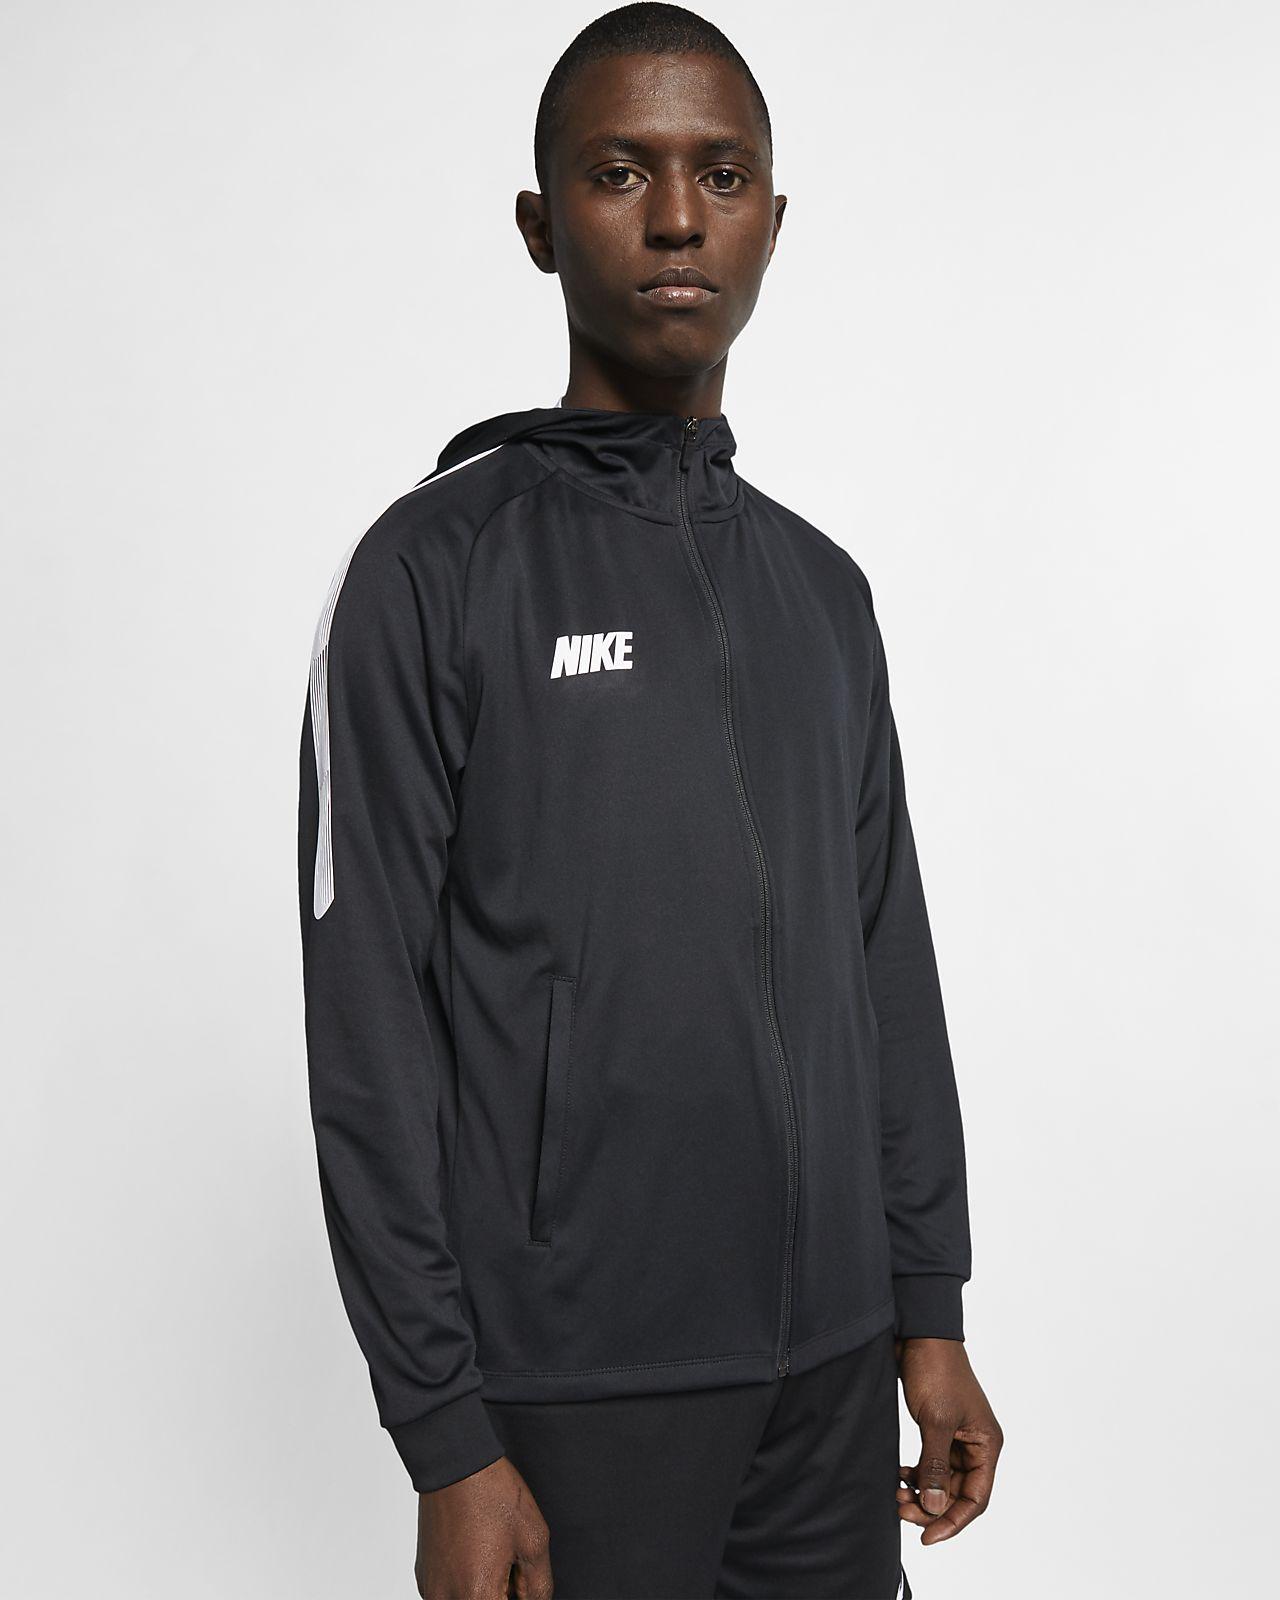 Nike Dri-FIT Squad Men's Full-Zip Football Jacket